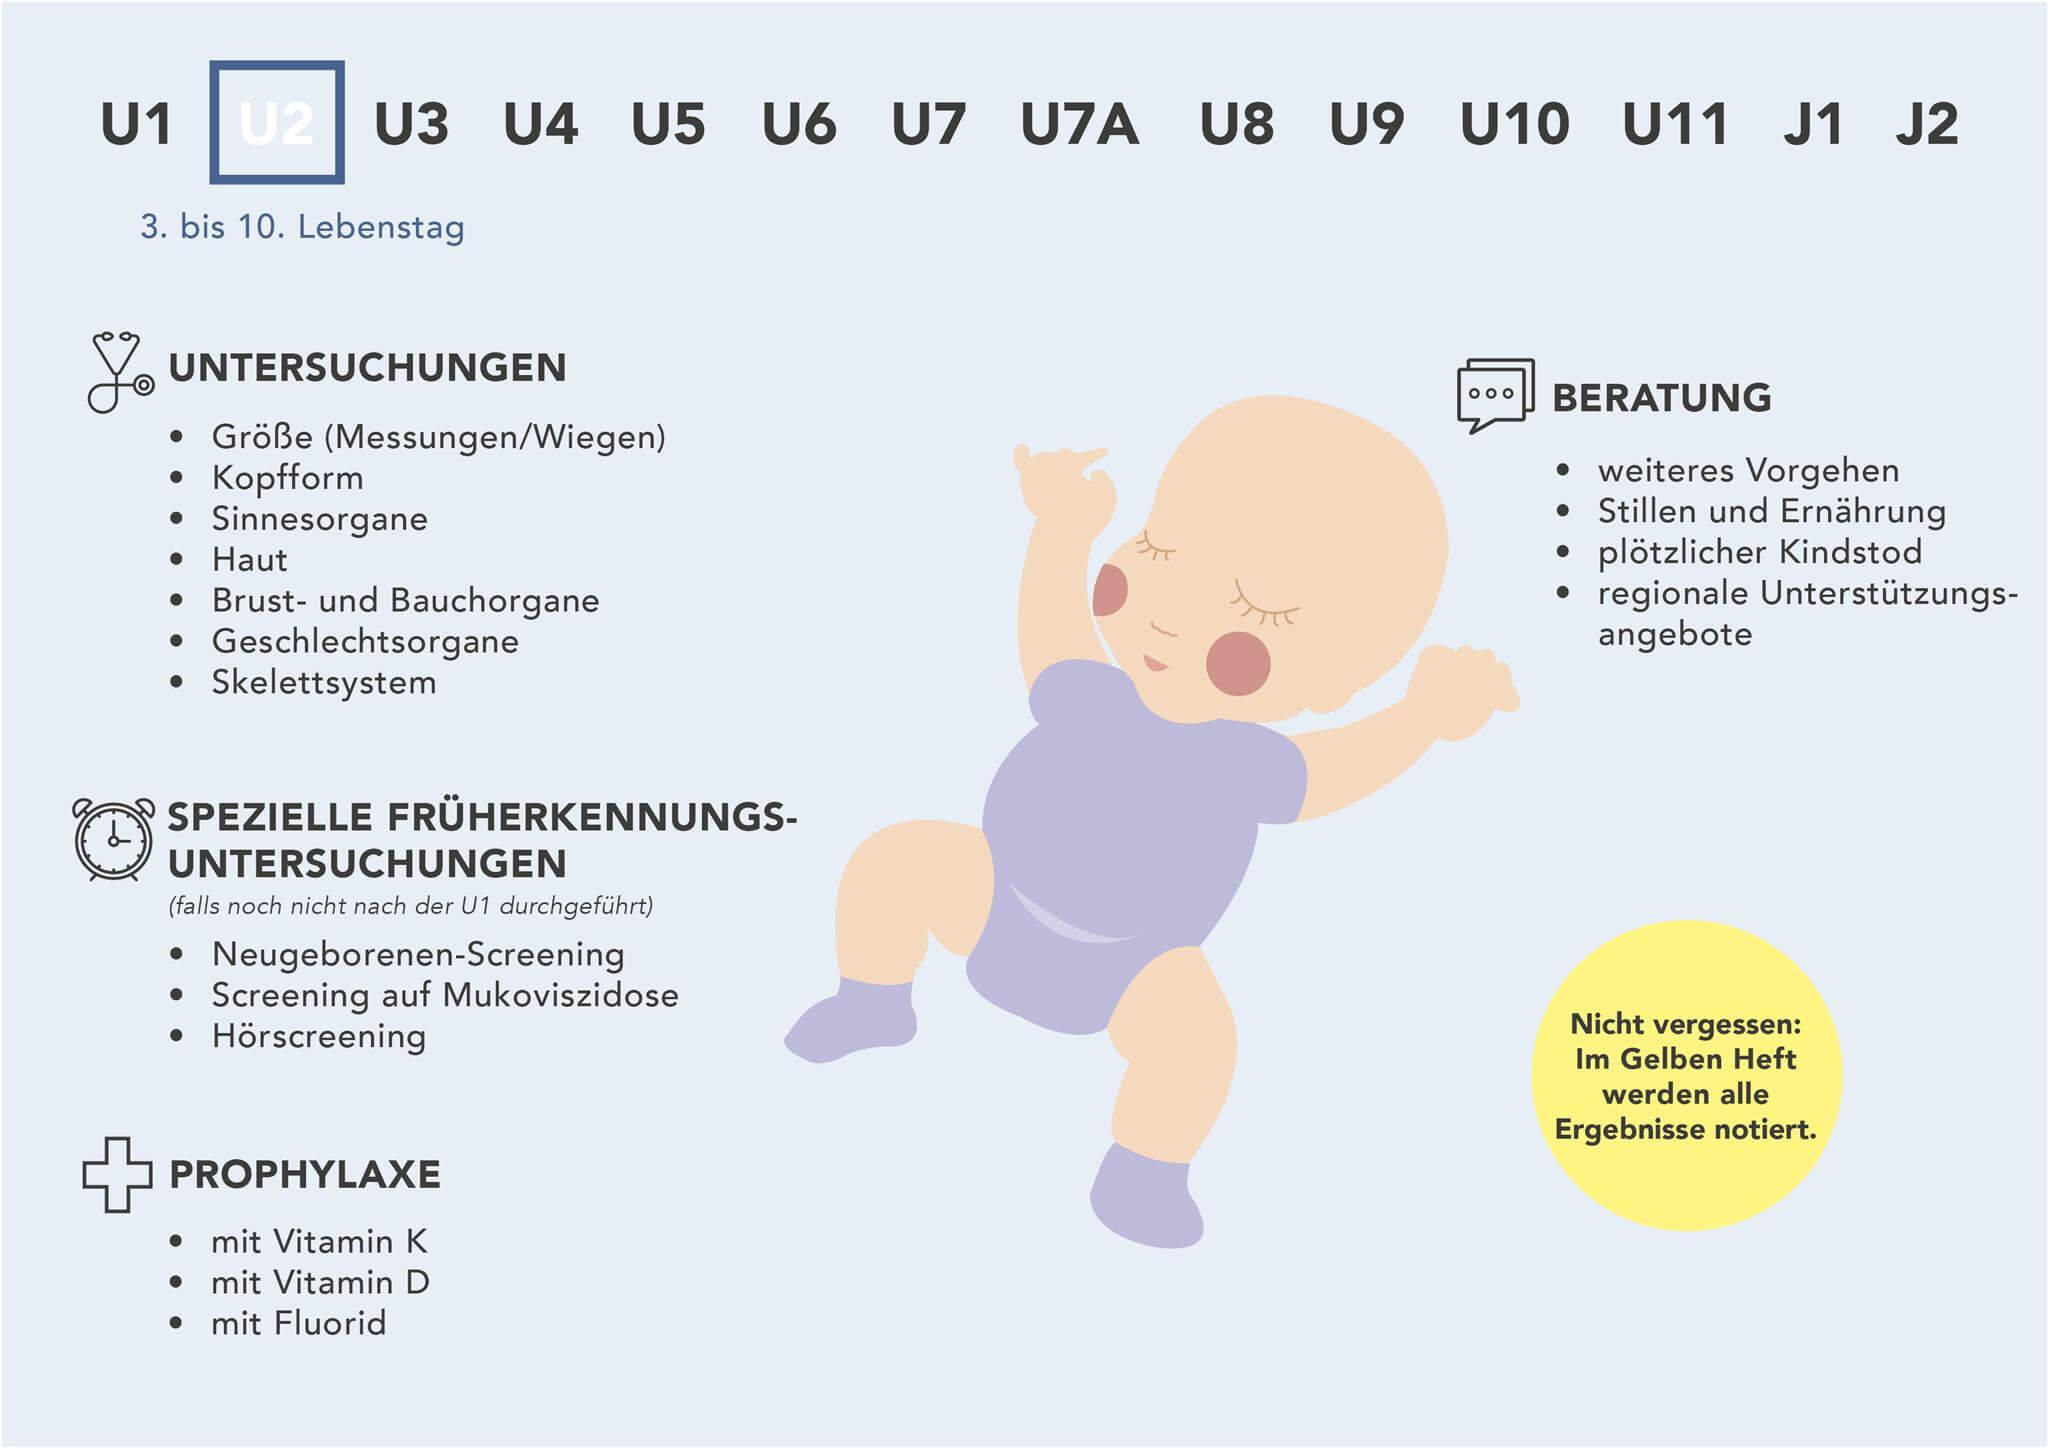 Fakten zur U2-Untersuchung - Grafische Darstellung